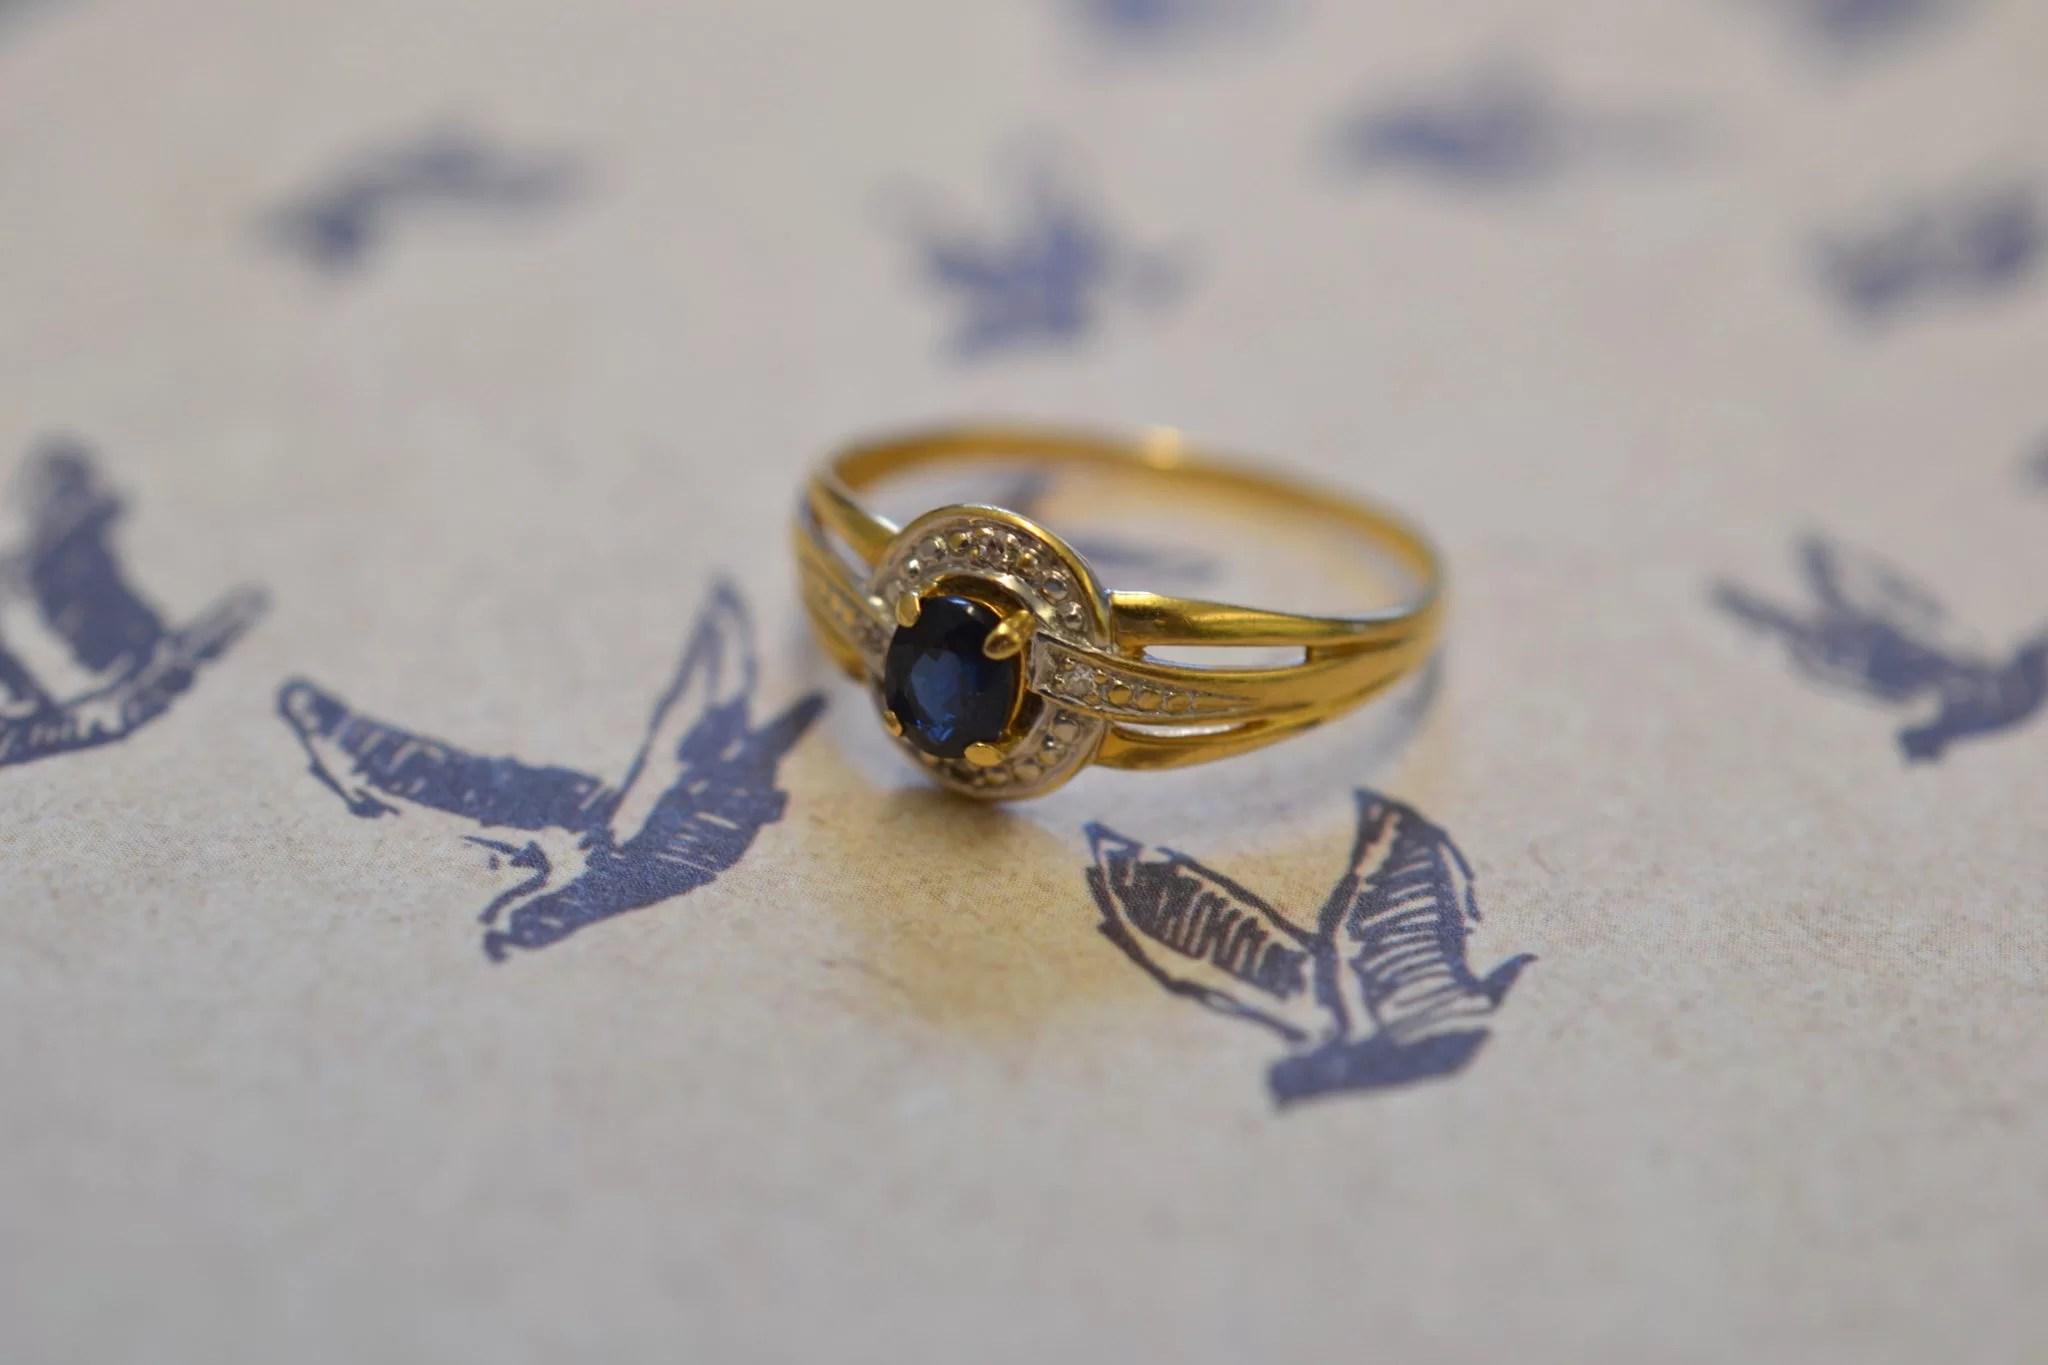 Bague De Fiançailles Ancienne En Or 18 Carats - 750:1000 - Bijoux Anciens Mariage Ecoresponsable